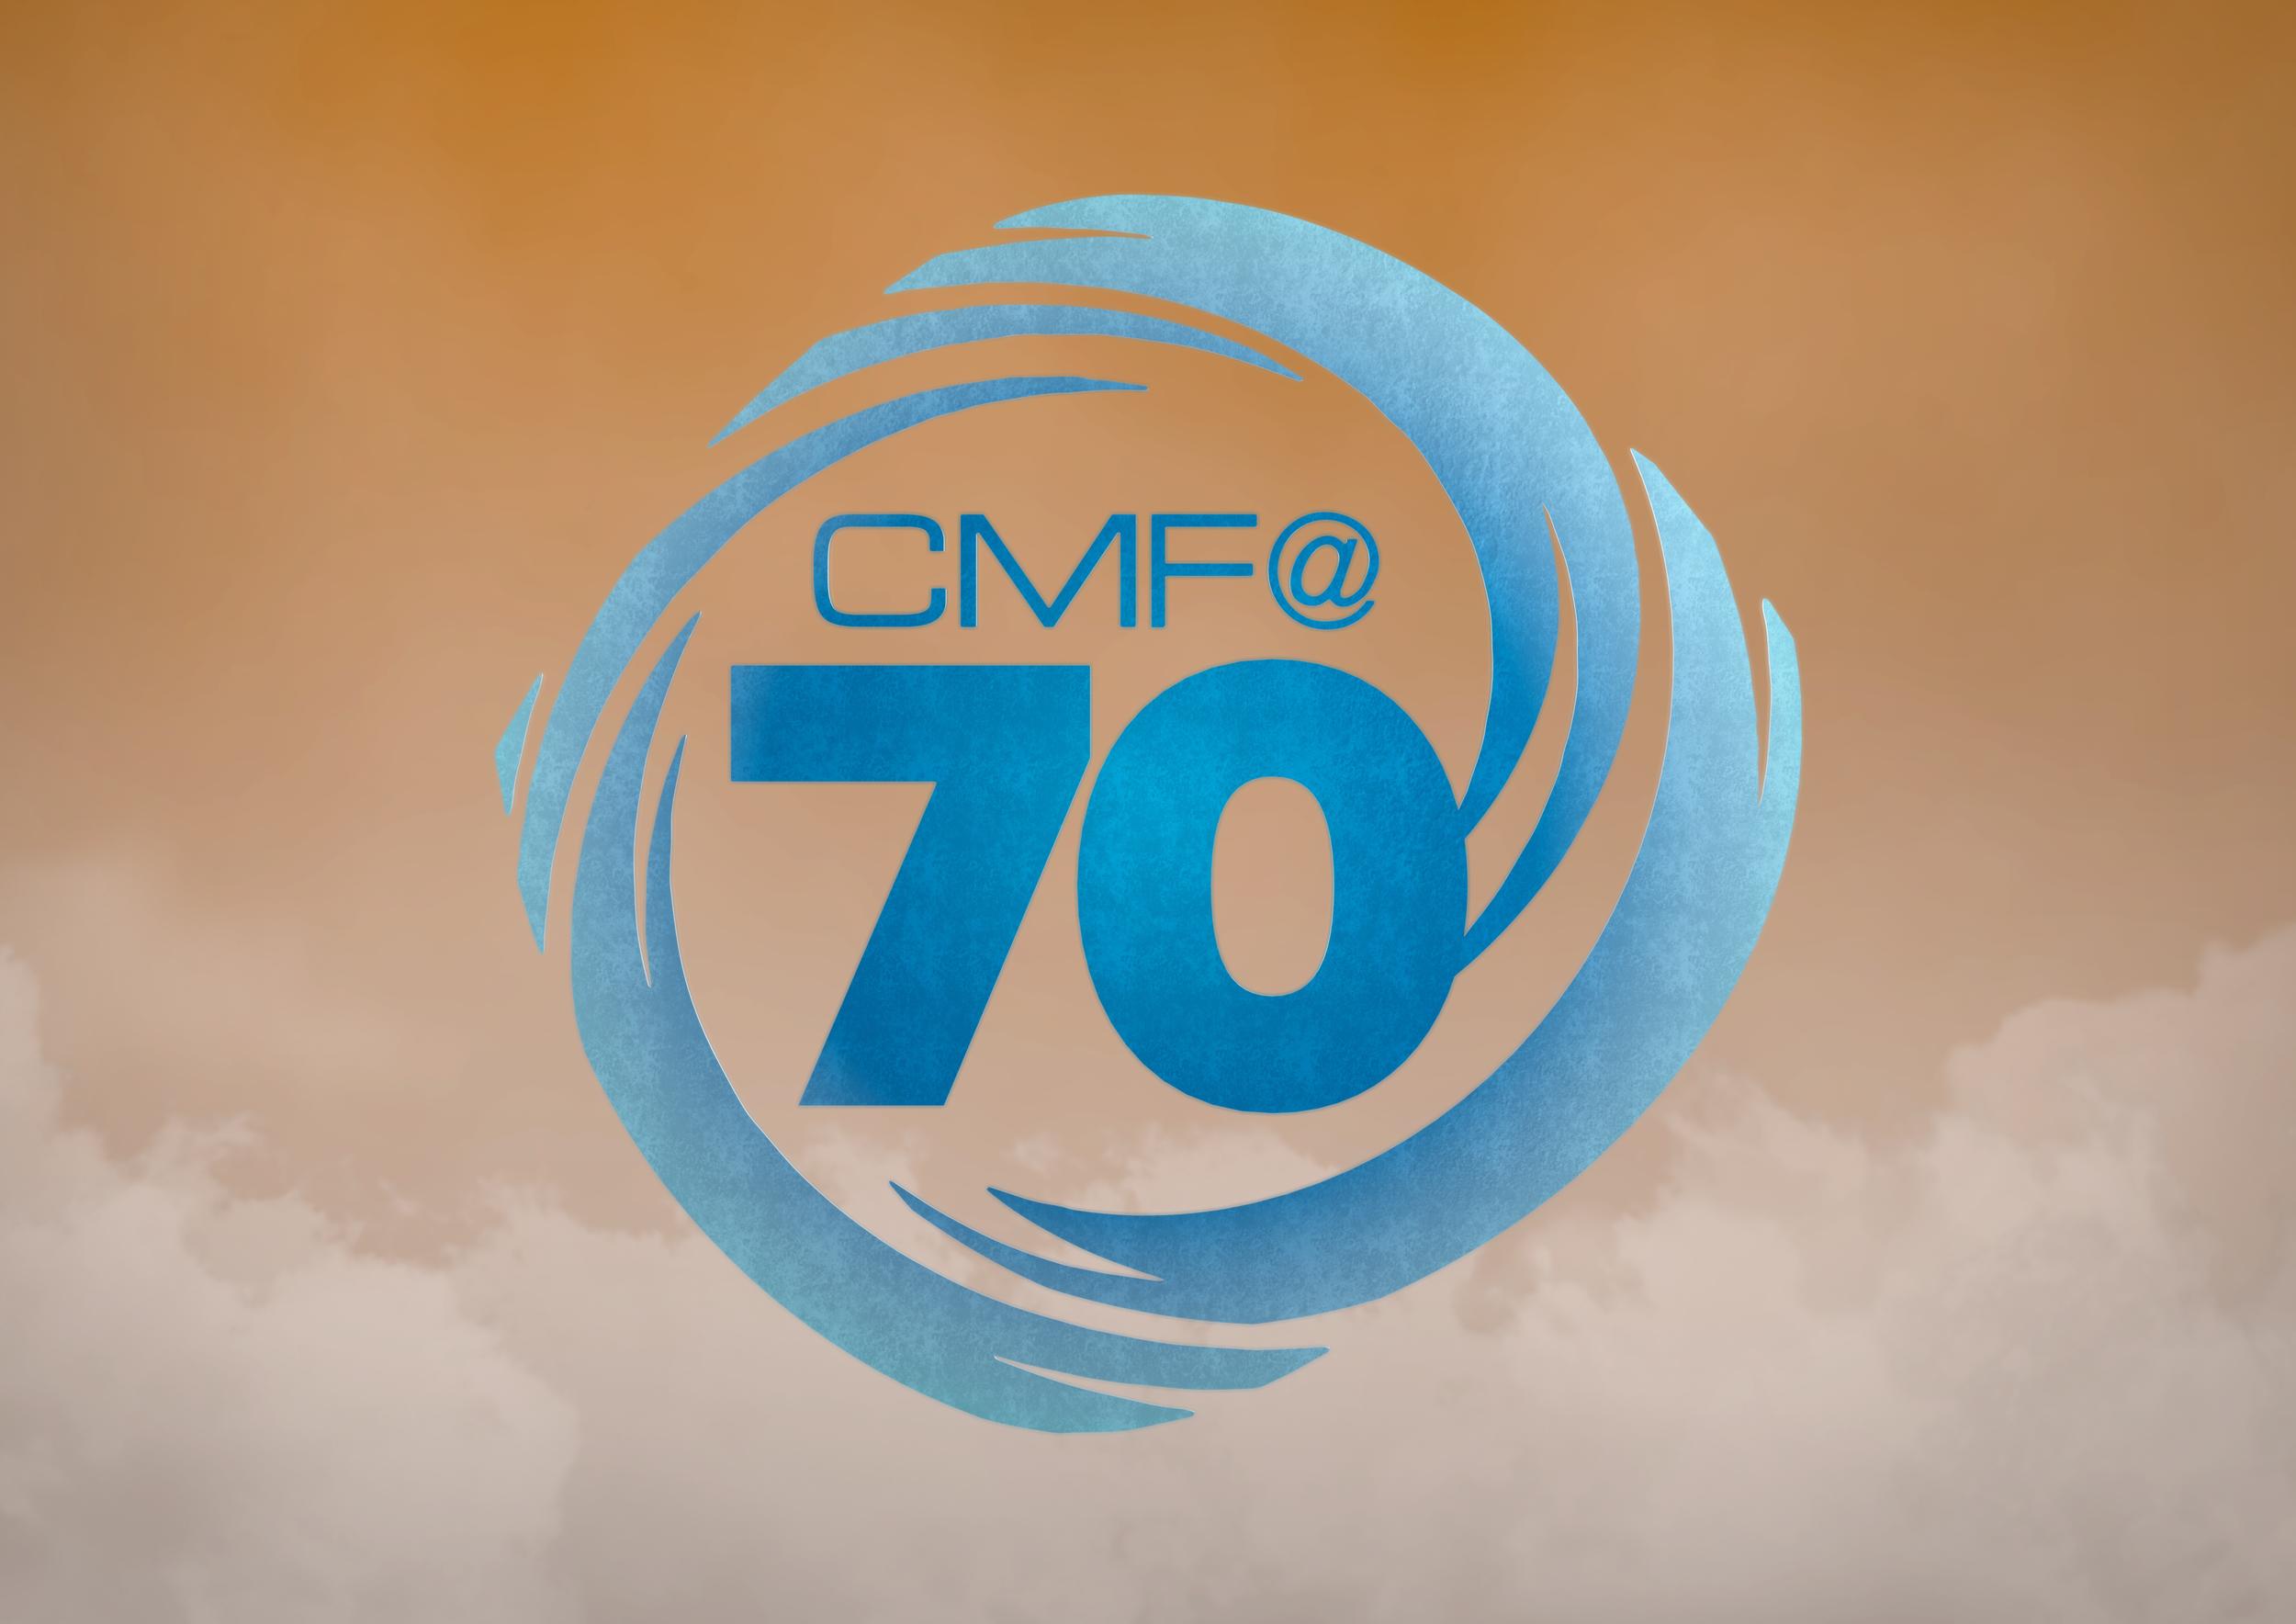 CMF @ 70